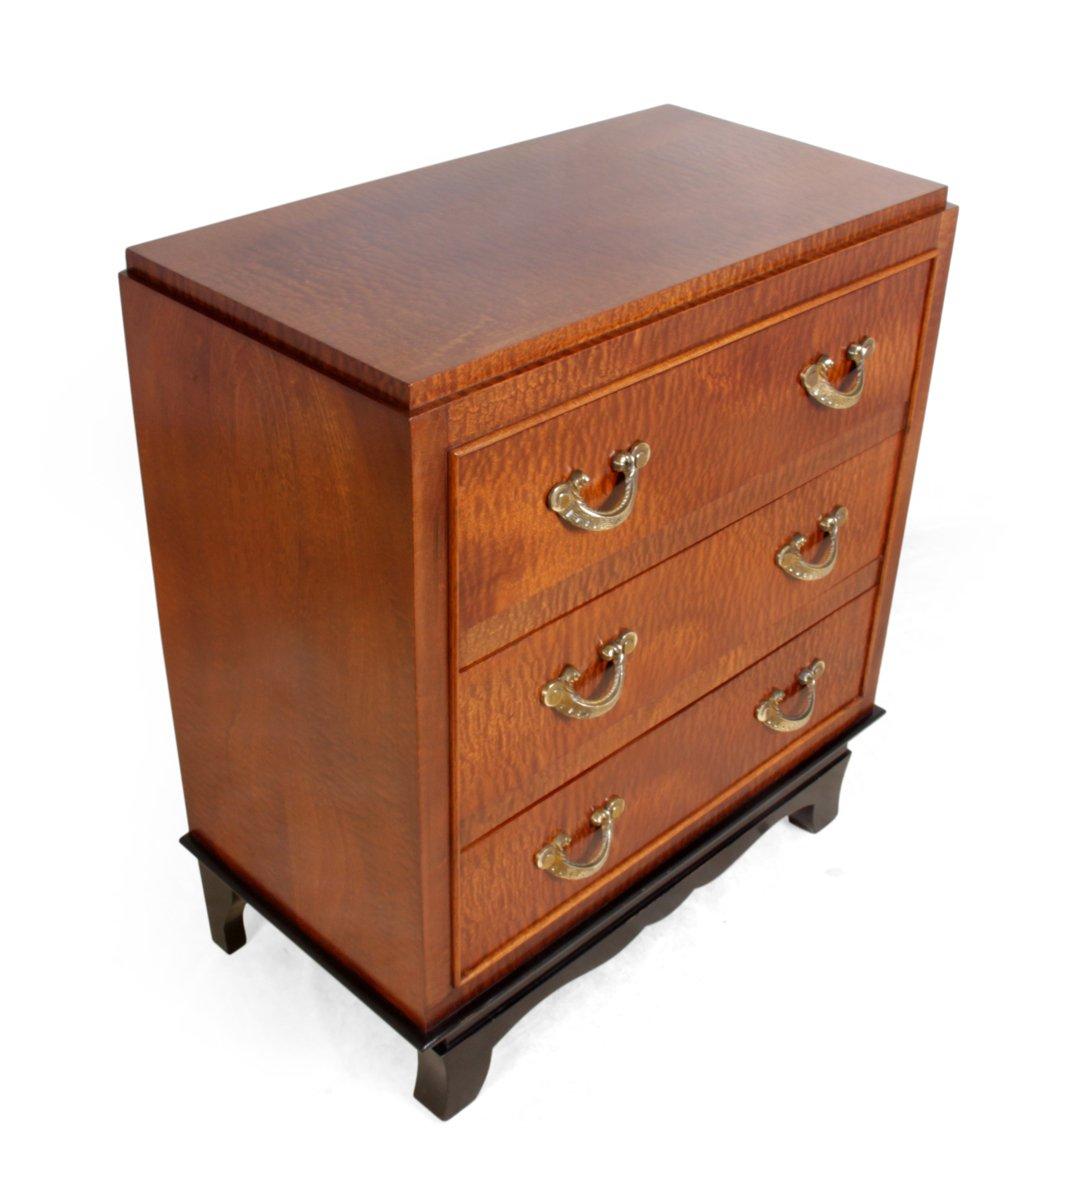 commode tiroirs art d co 1930s en vente sur pamono. Black Bedroom Furniture Sets. Home Design Ideas